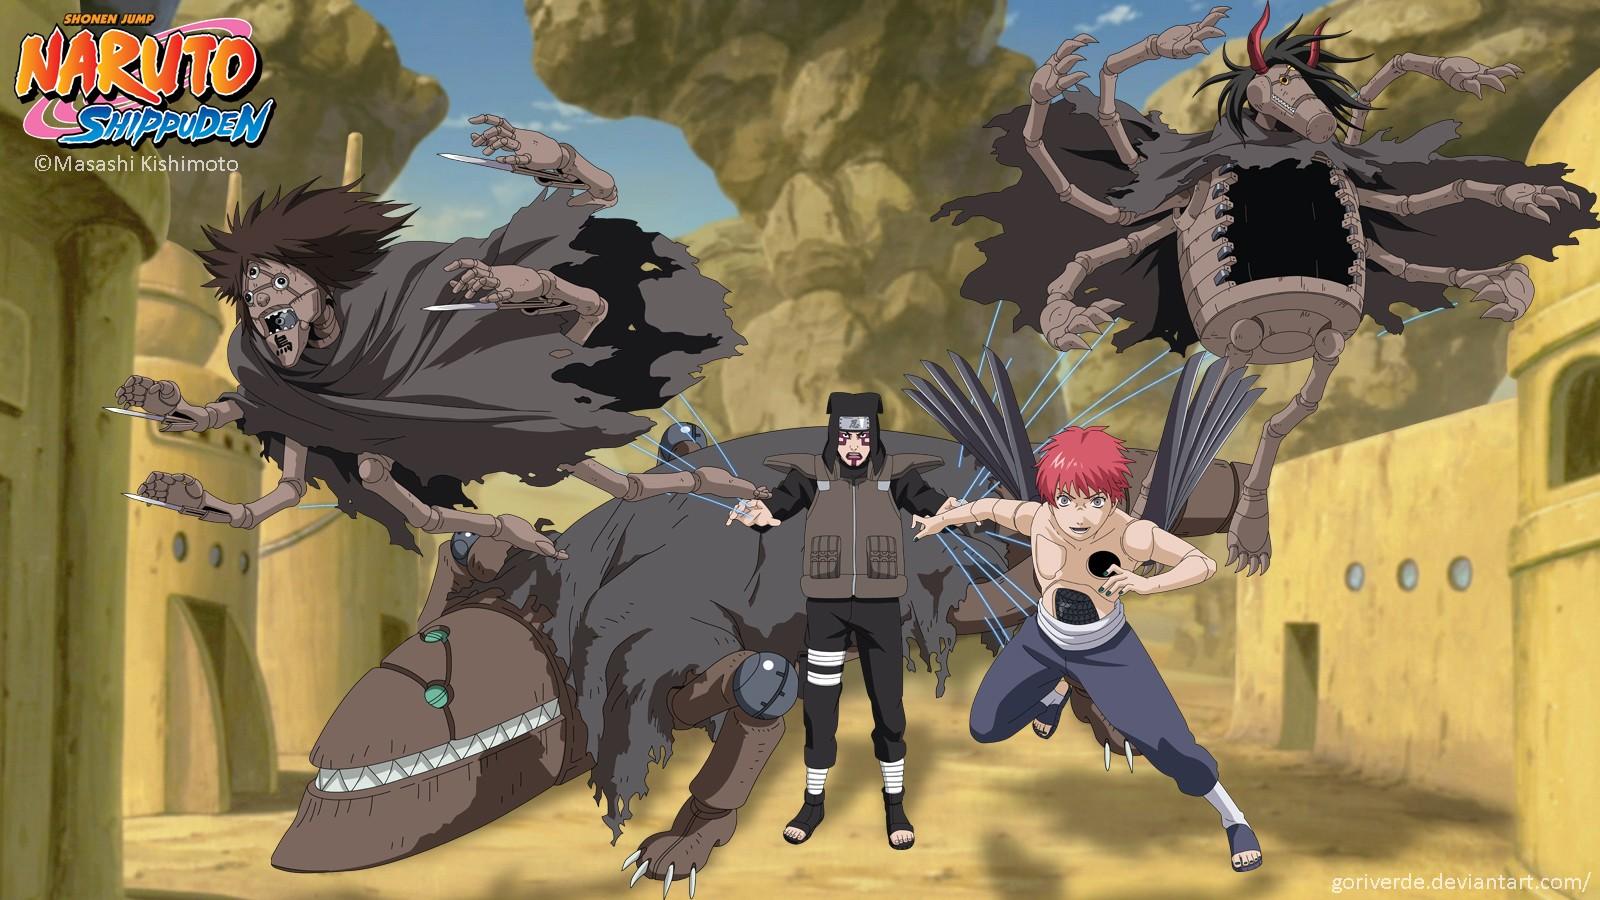 Naruto: Shippuden Sasori Kankuro puppet Suna wallpaper ...